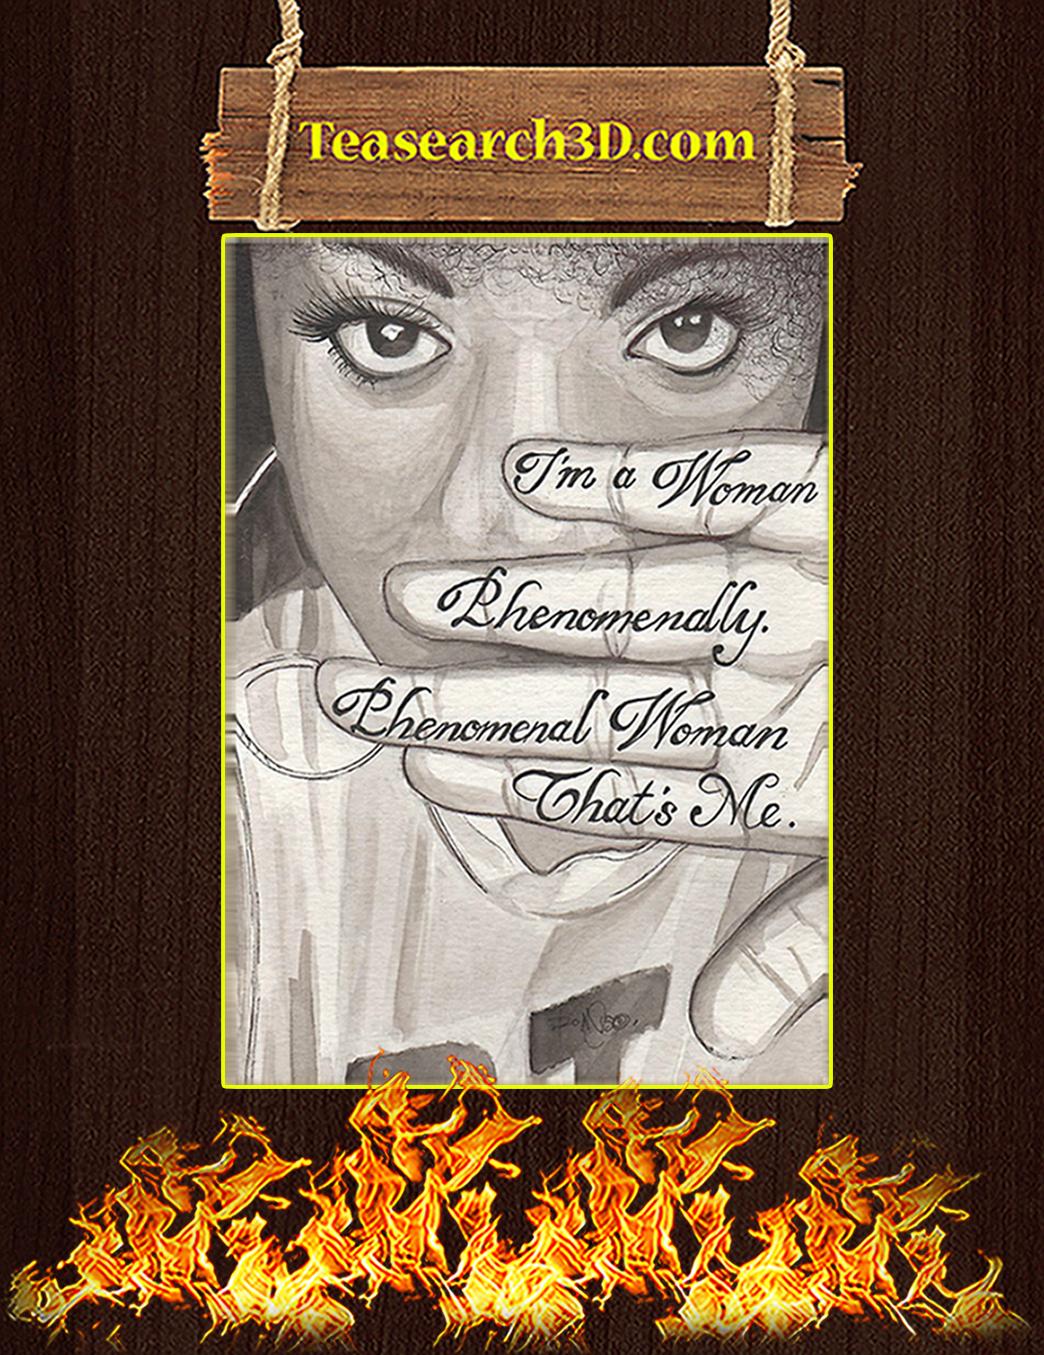 I'm a woman phenomenally phenomenal woman that's me poster A1